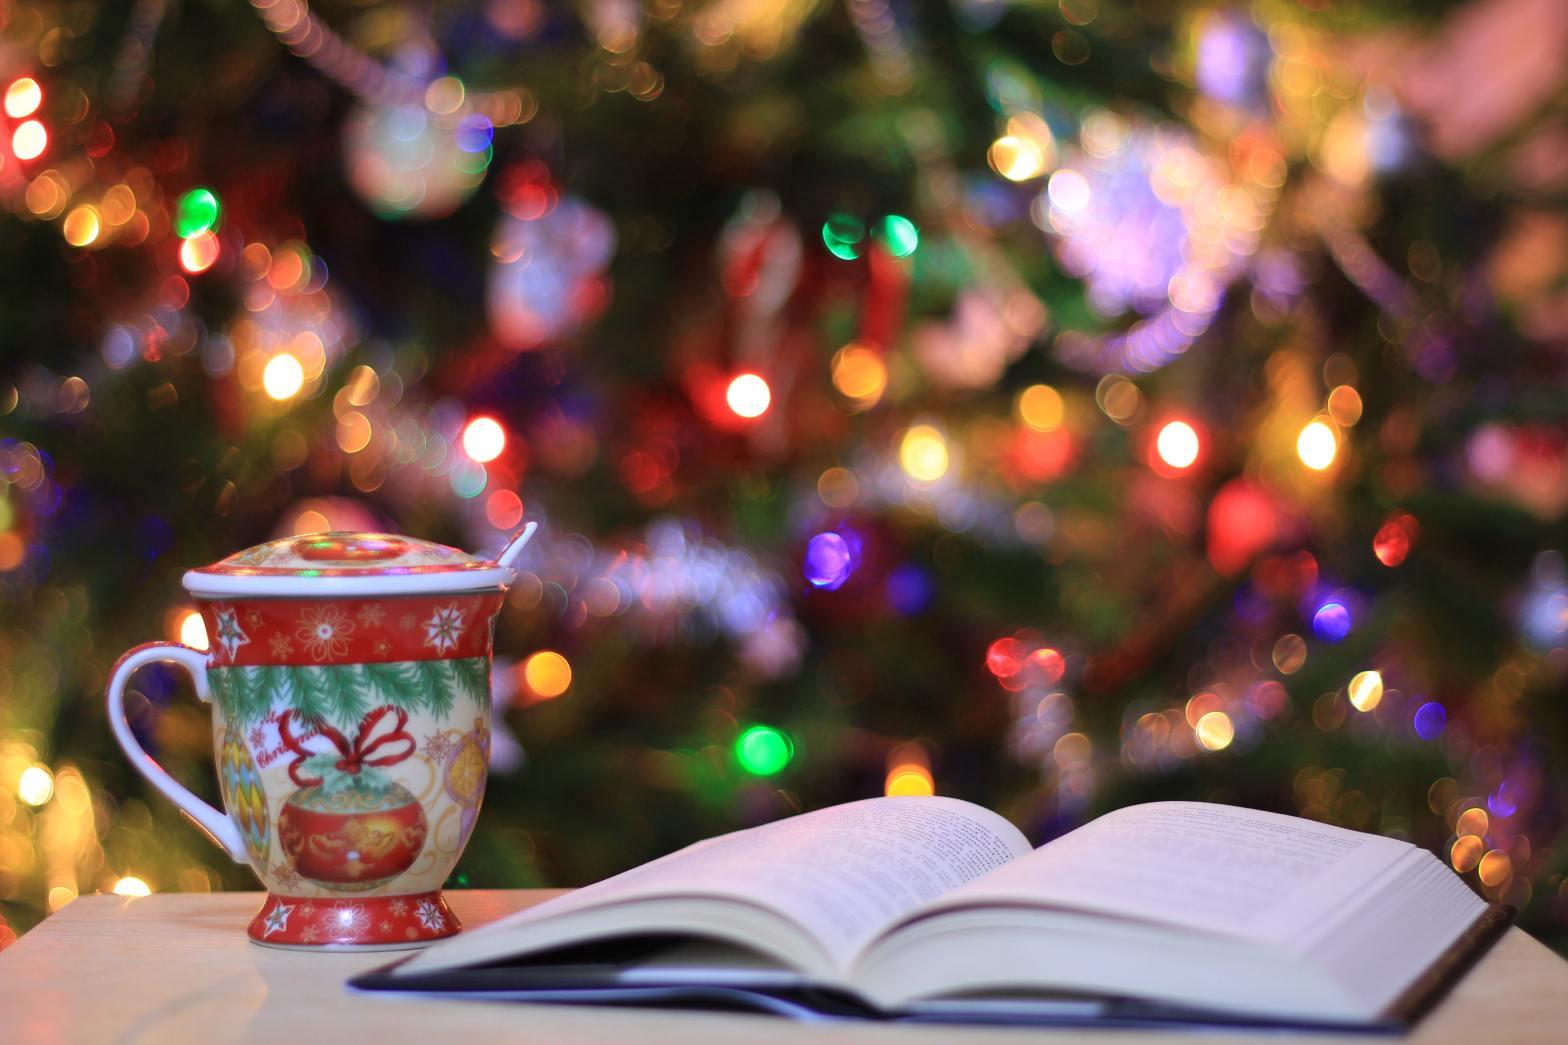 Book, mug, and Christmas tree